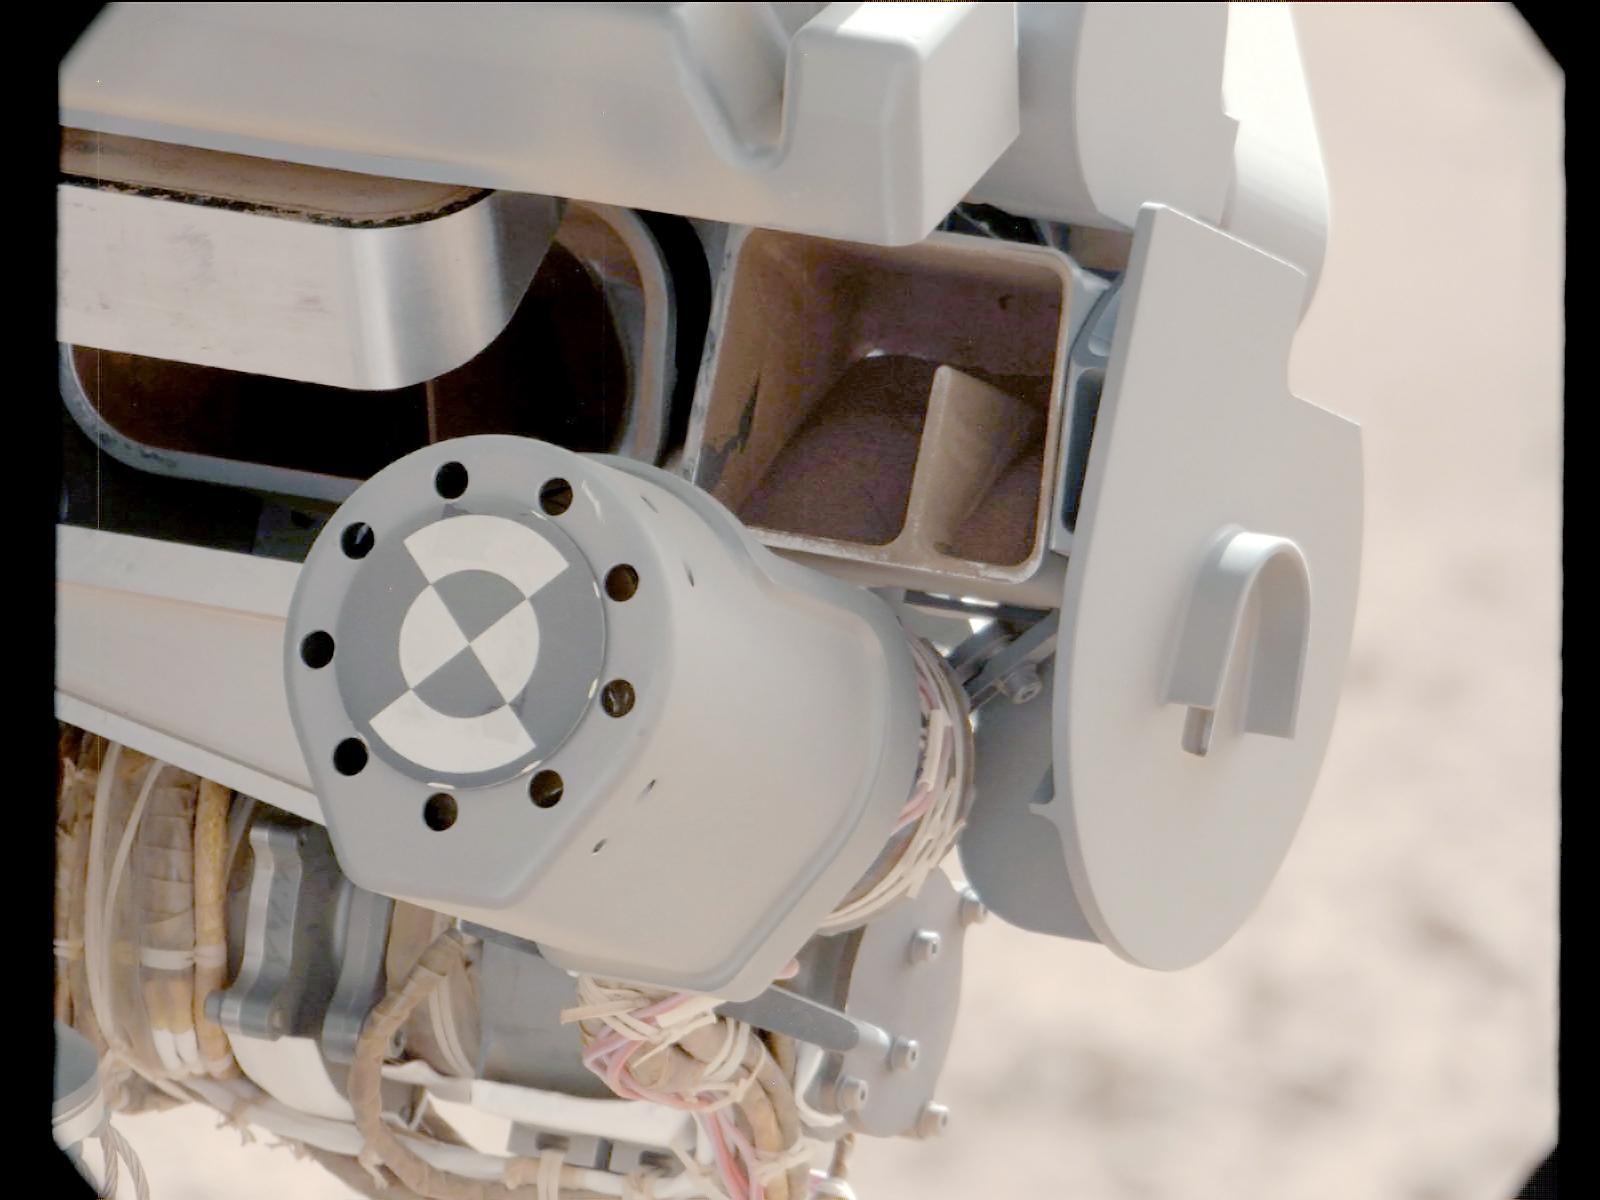 Mars Rover Curiosity Samples Fine Sand